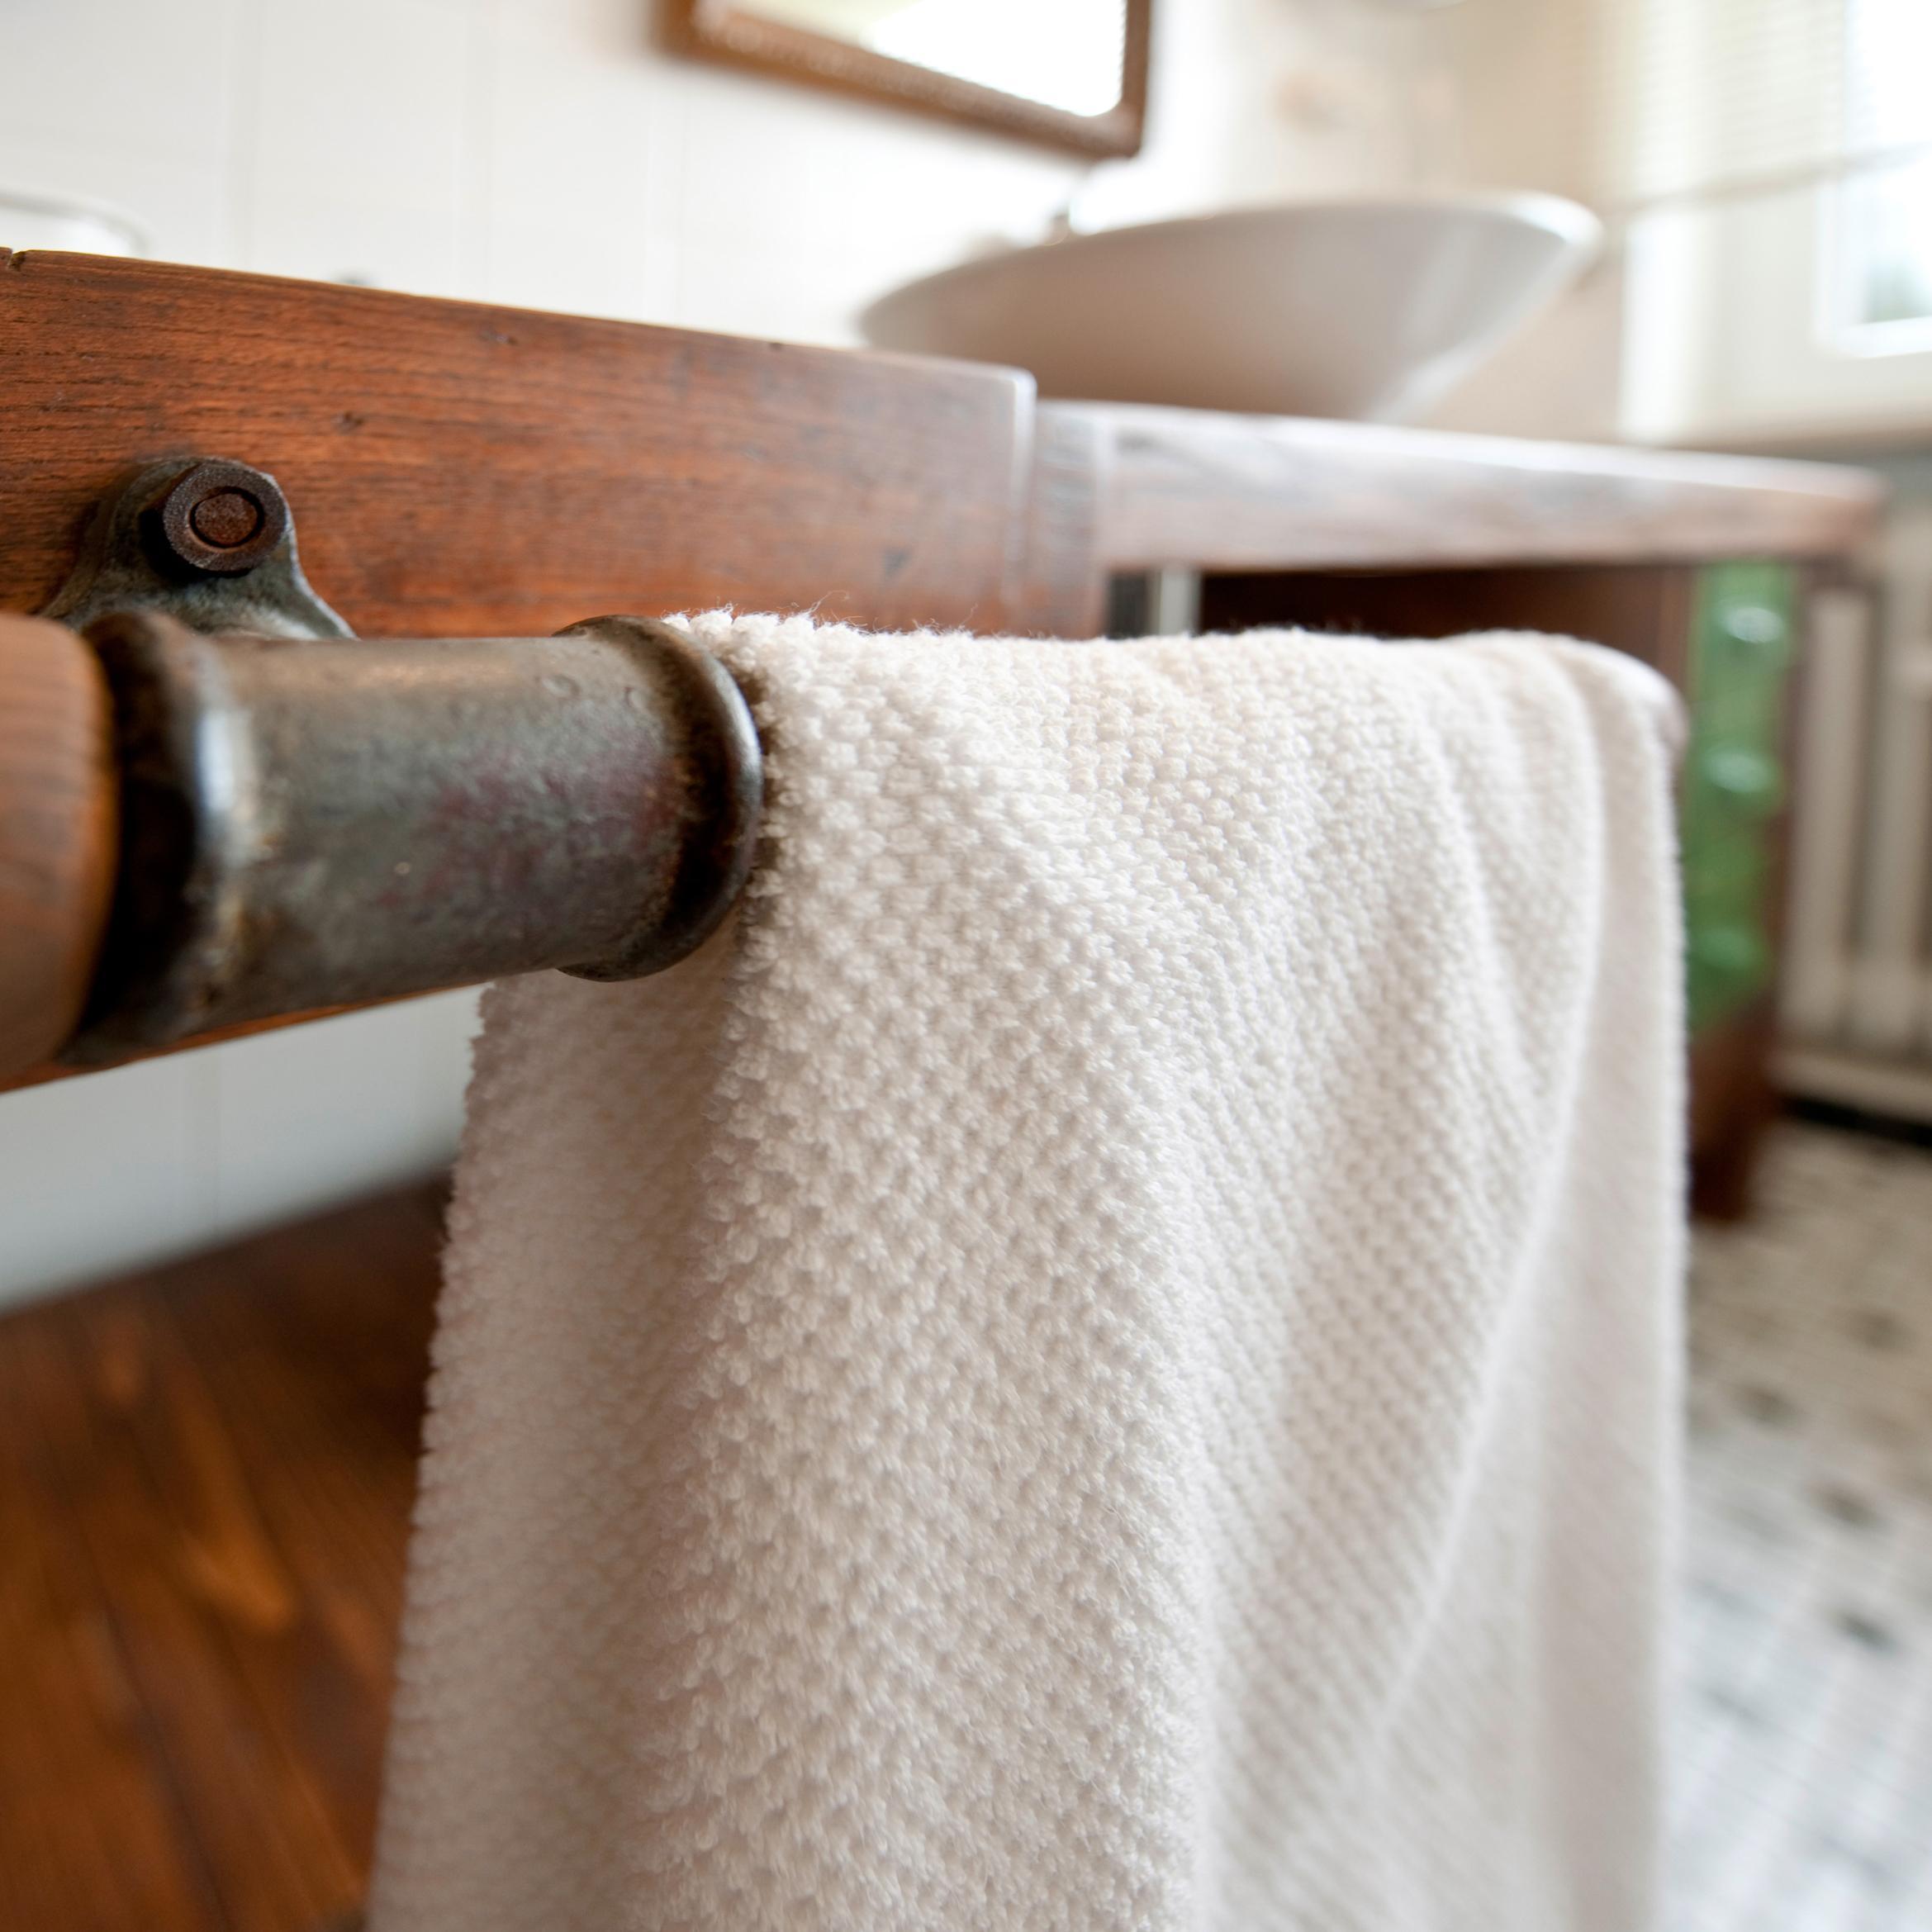 Handtuchhalter • Bilder & Ideen • COUCH